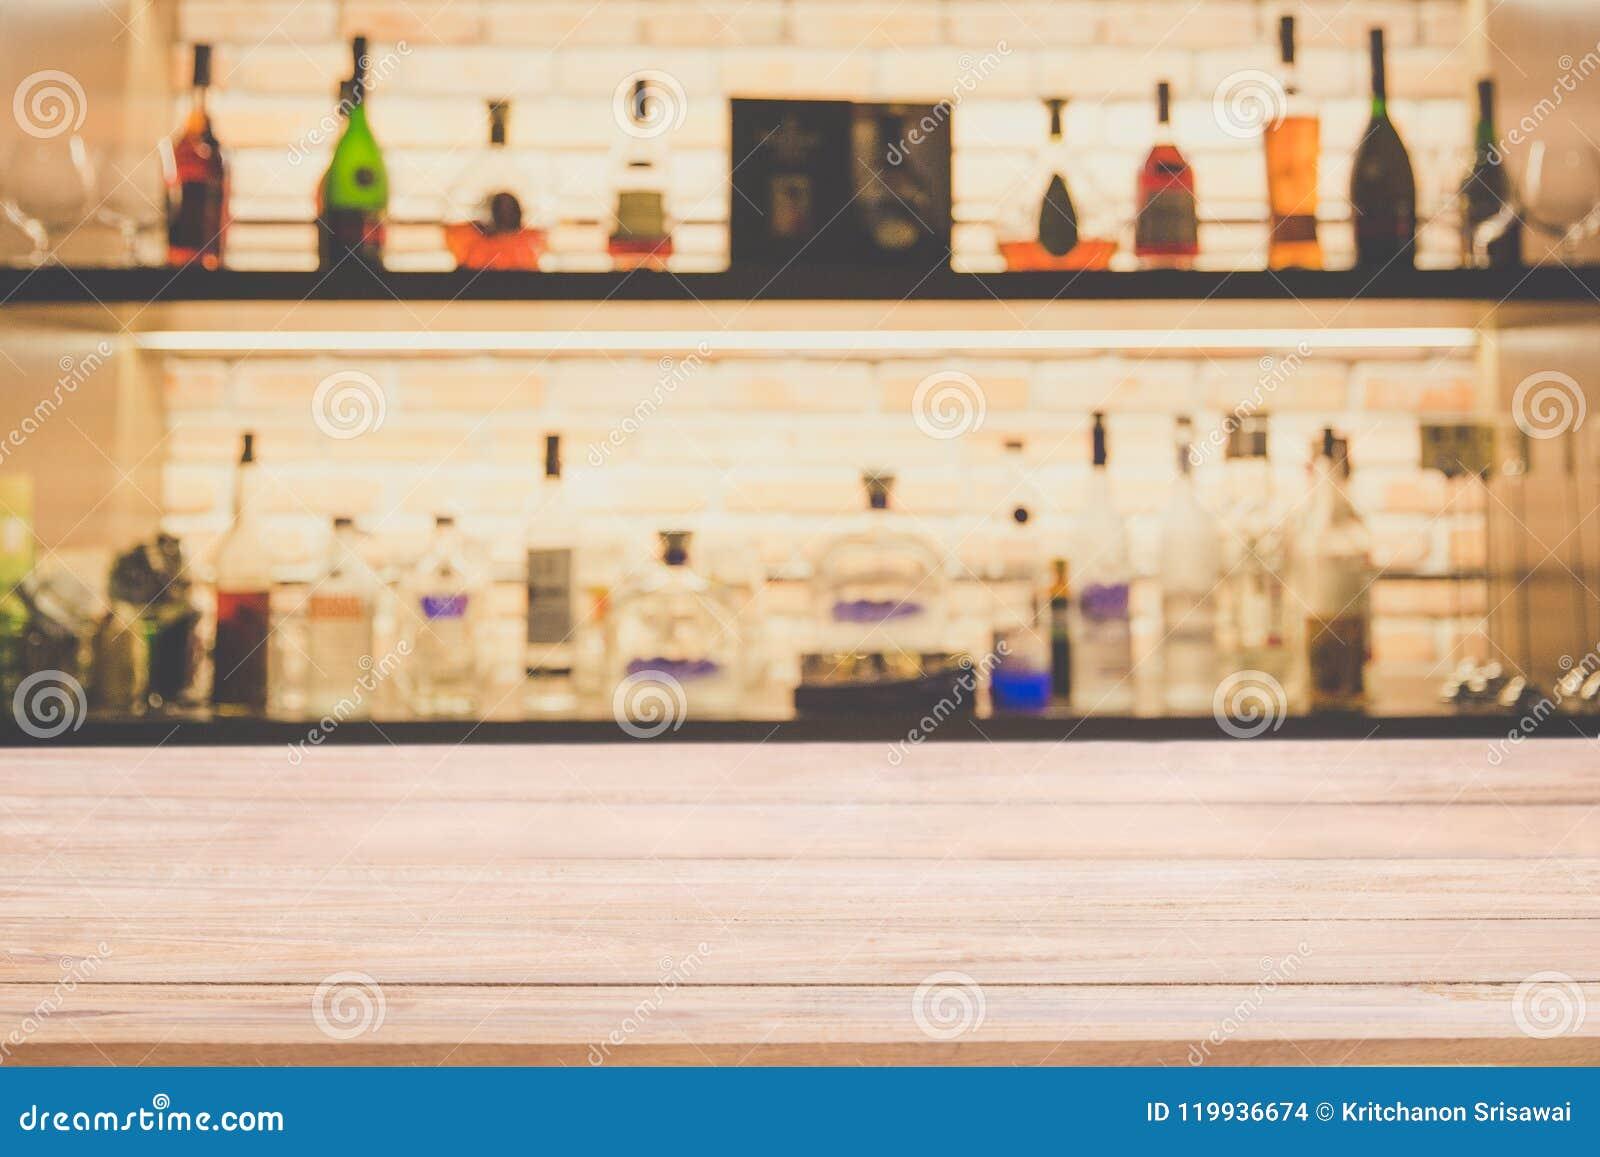 Contador de madeira da barra do pinho vazio com as garrafas do fundo do borrão do re